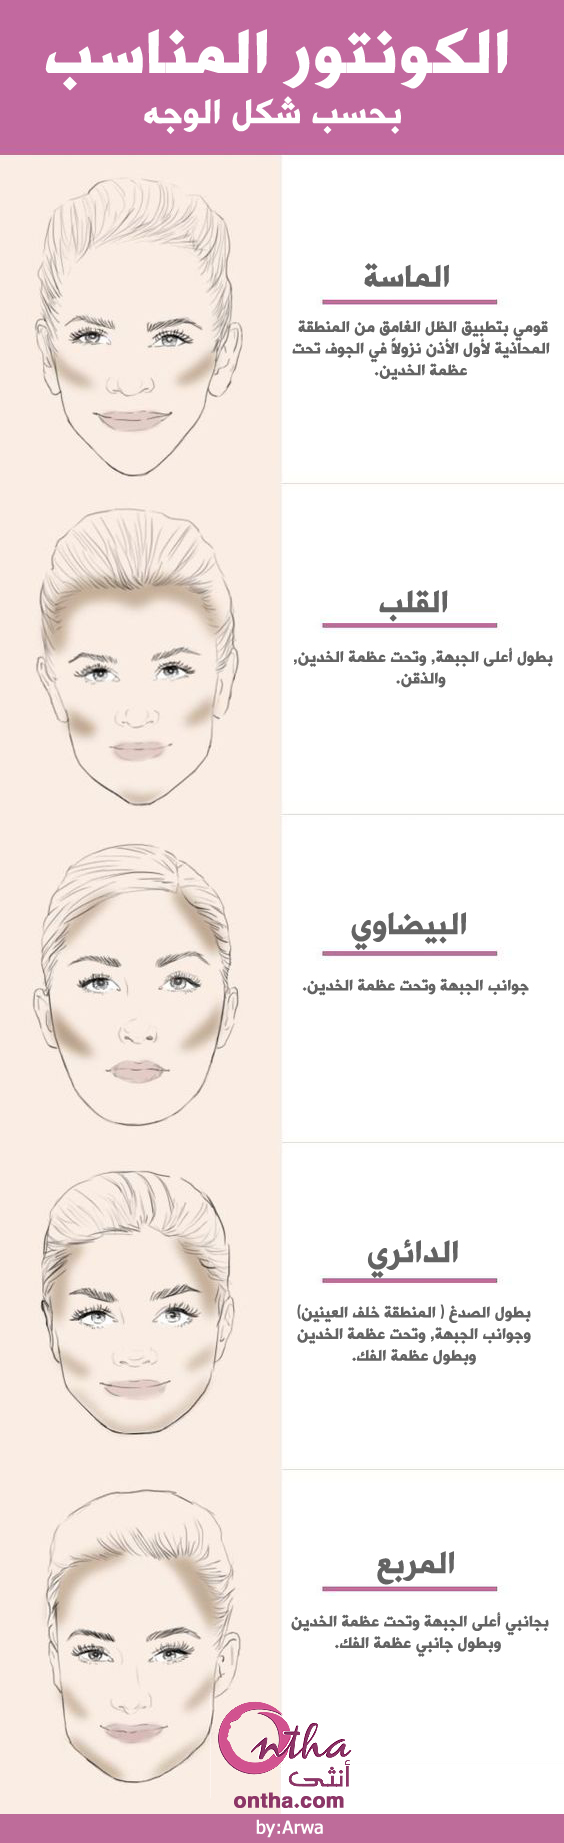 بالصور, حيل لعمل الكونتور بحسب شكل الوجه